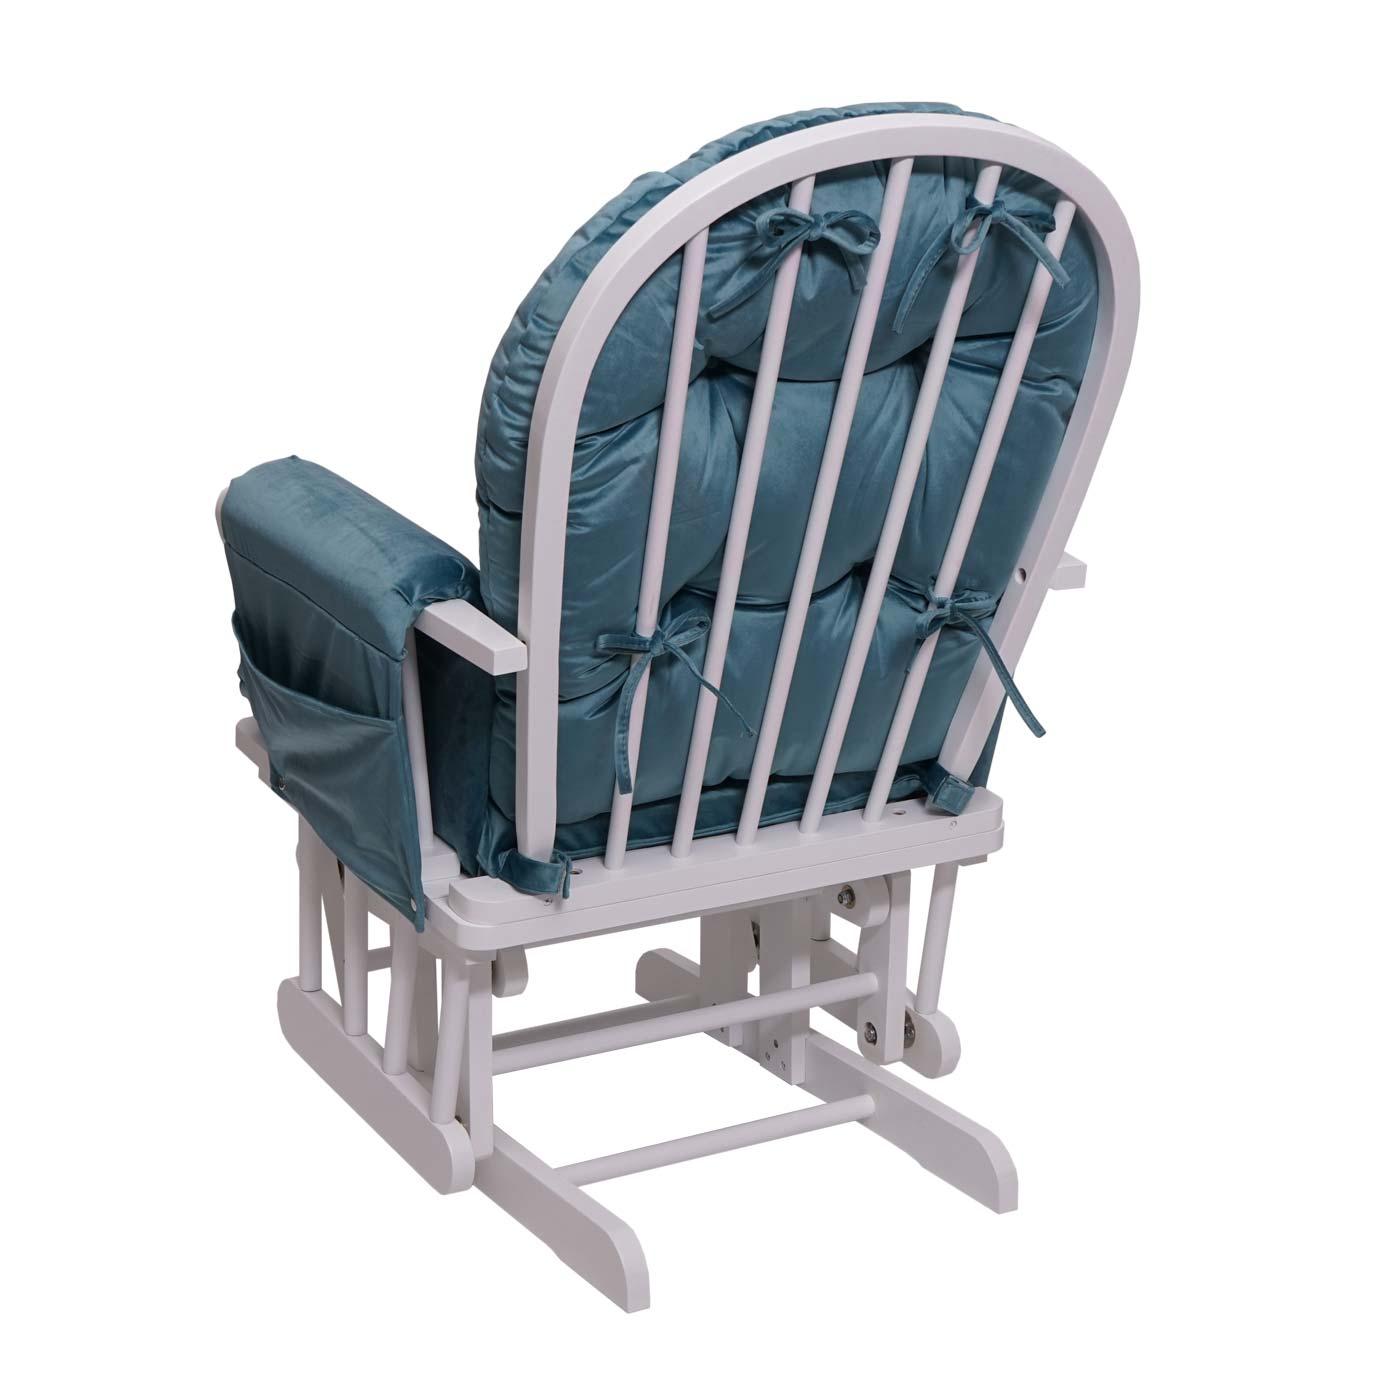 Relaxsessel HWC-C76 Rückansicht Sessel